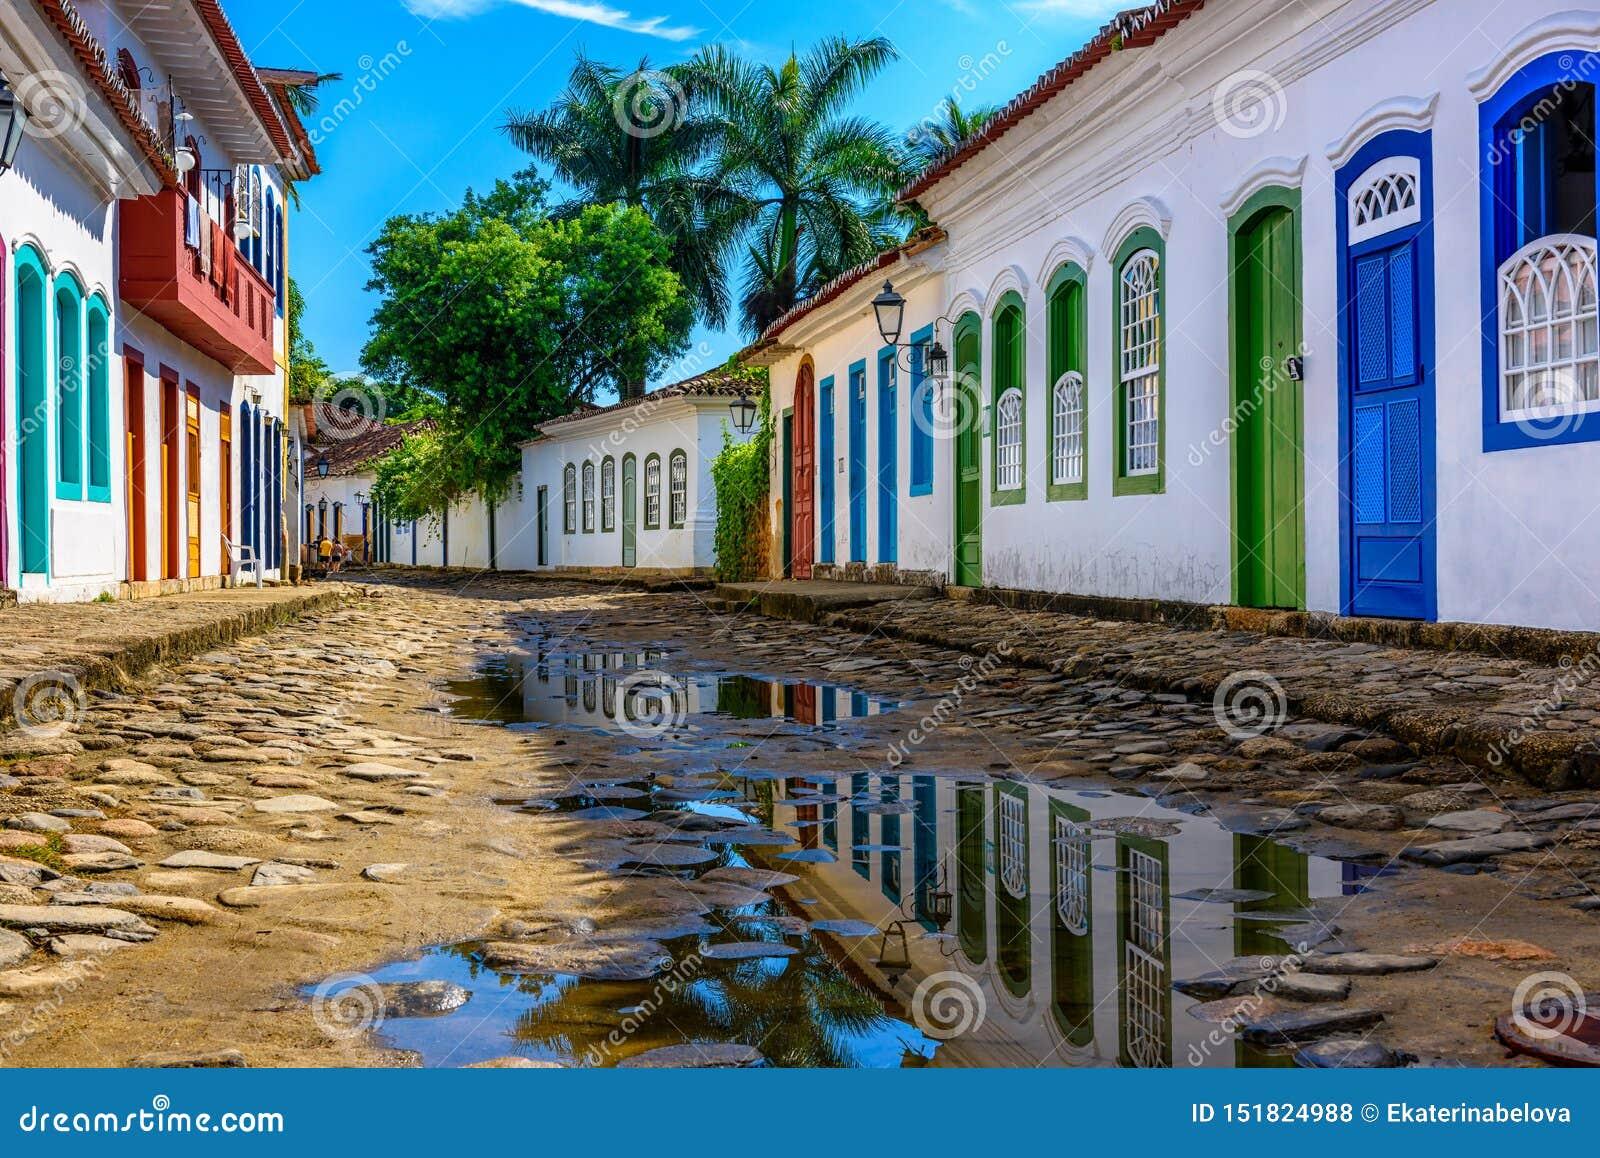 Street of historical center in Paraty, Rio de Janeiro, Brazil.